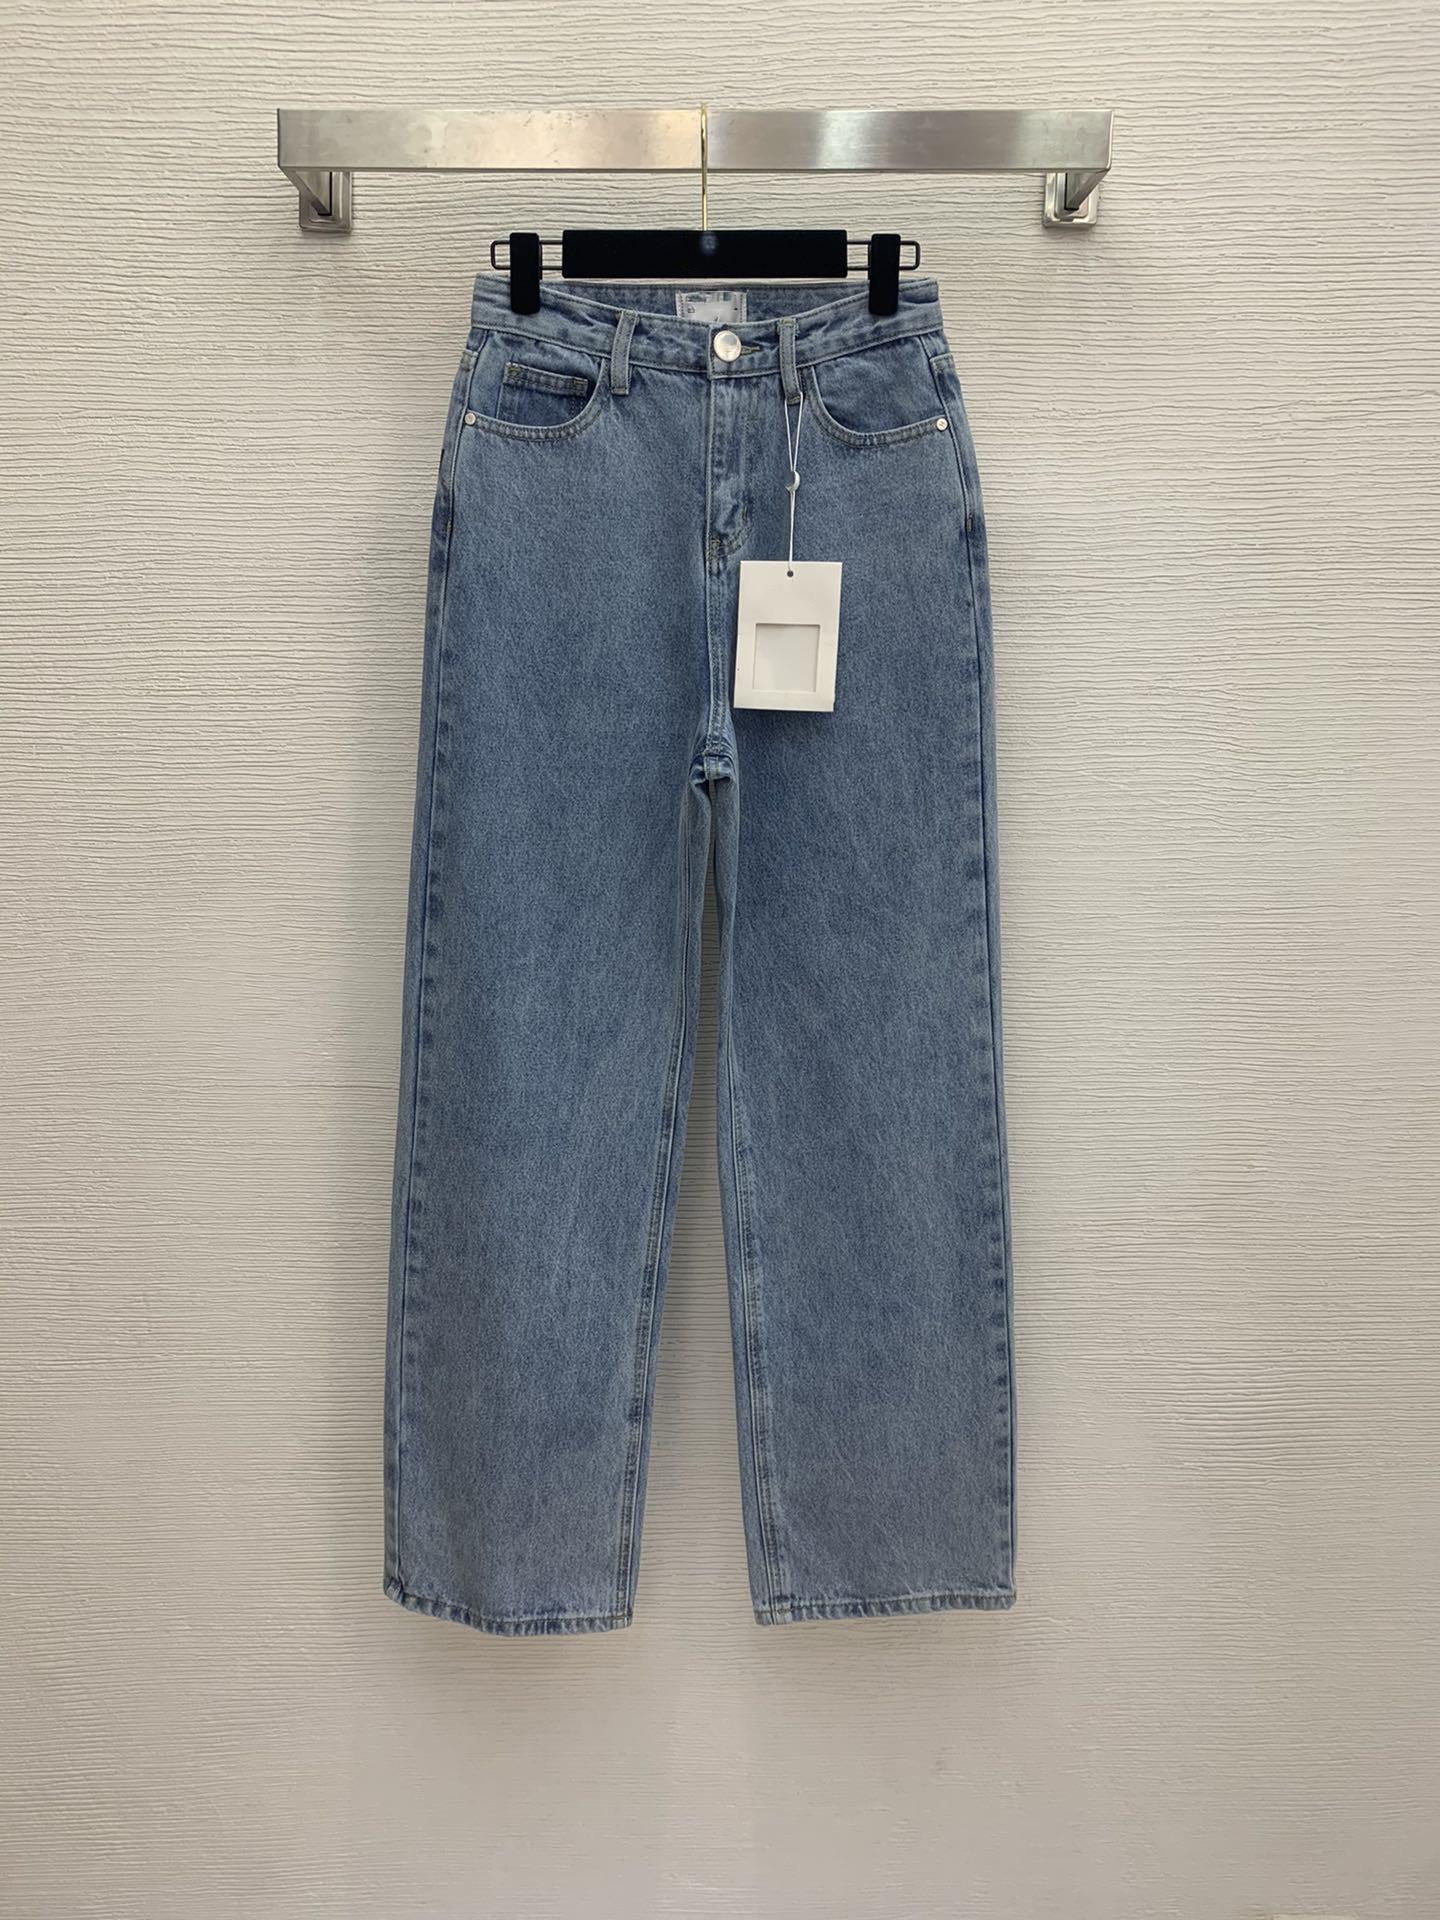 Milan Pist Jeans 2021 İlkbahar Yaz Moda Tasarımcısı Düz Kot Marka Aynı Stil Lüks Kadın Kot 0325-7